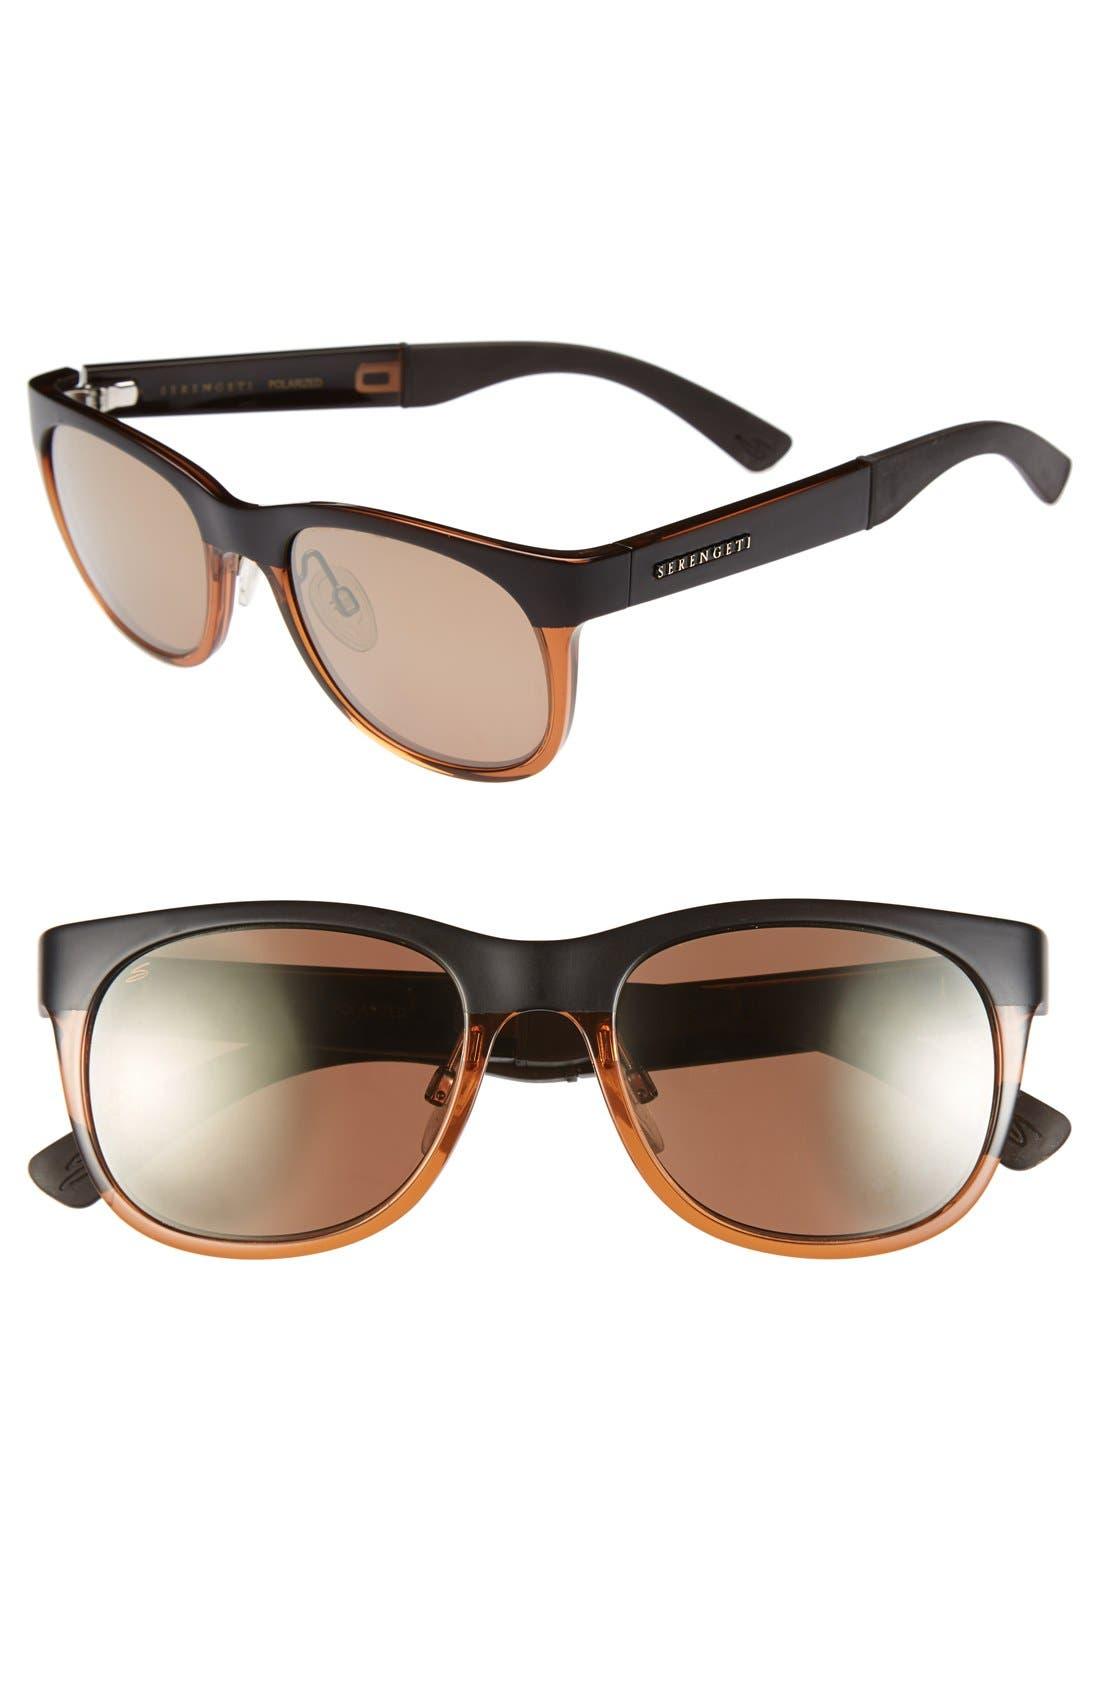 Alternate Image 1 Selected - Serengeti 'Milano' 50mm Polarized Sunglasses